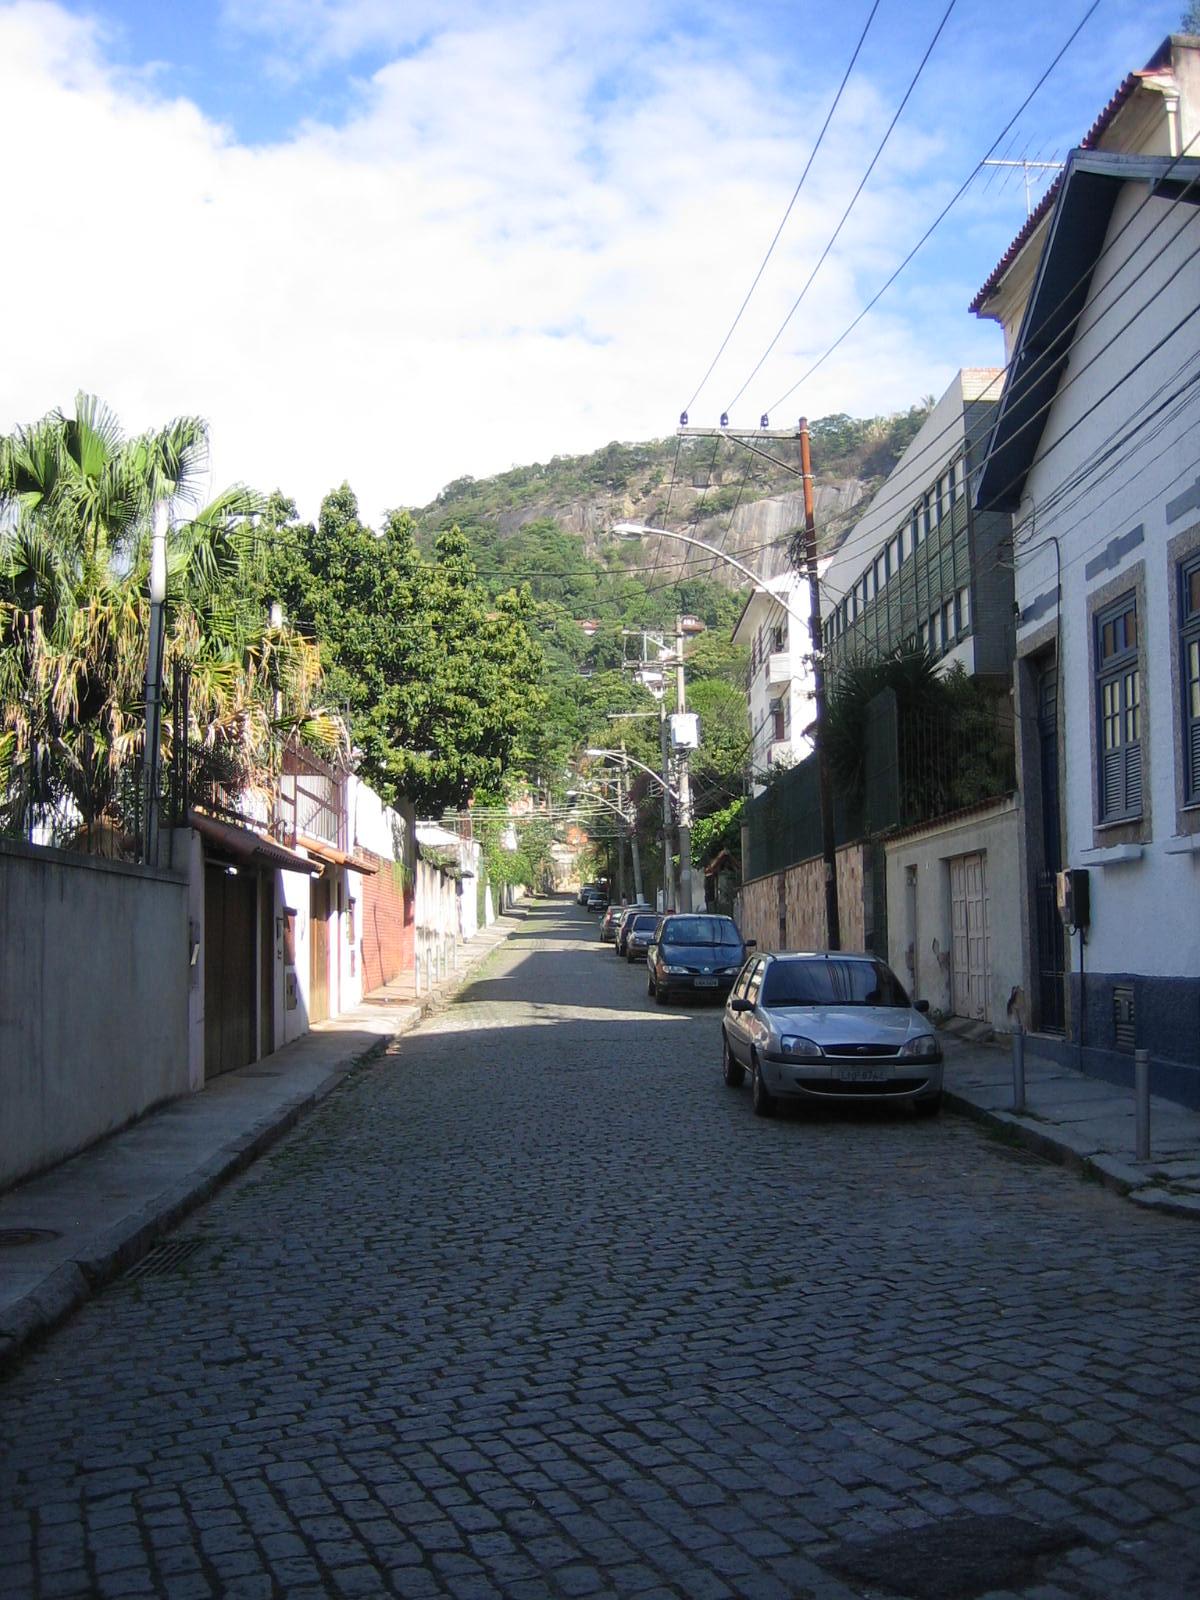 Nossa linda rua